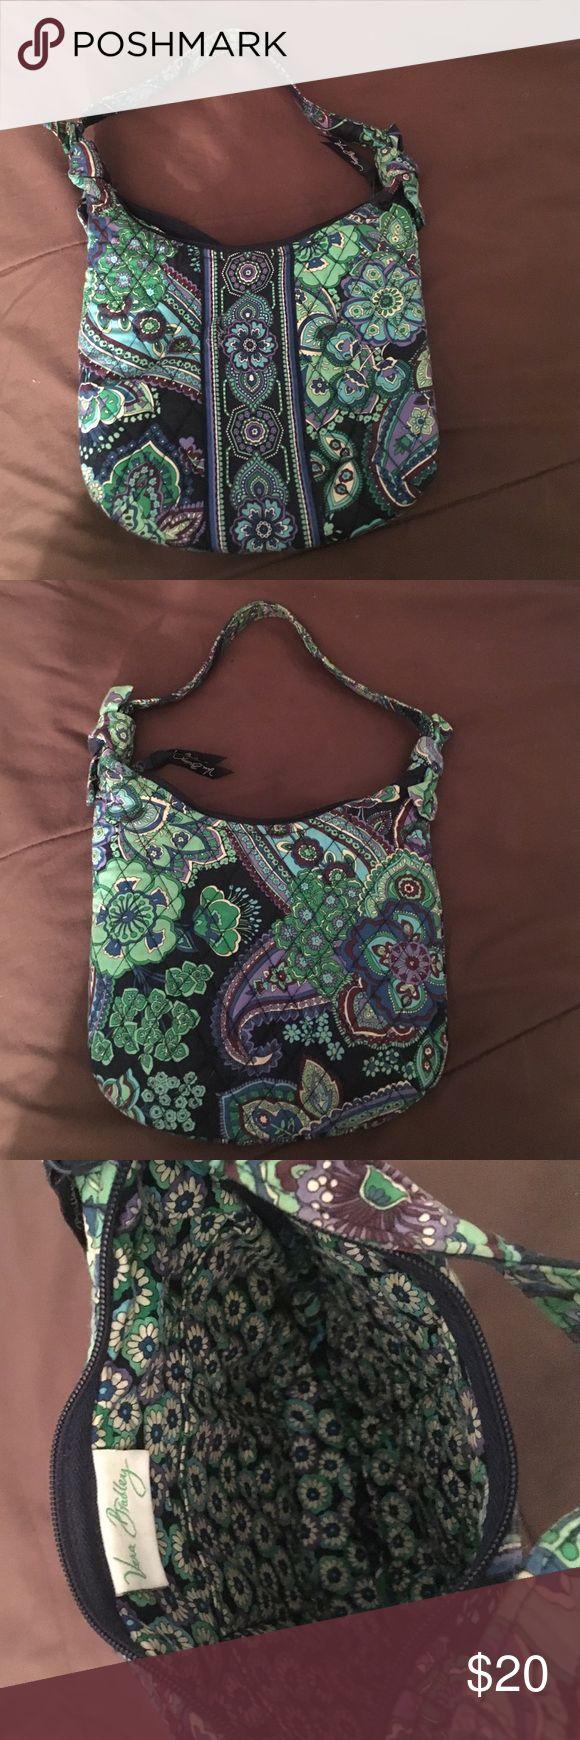 """Vera Bradley Mini Shoulder Bag Used Vera Bradley mini shoulder bag in """"Blue Rhapsody"""" in very good condition Vera Bradley Bags Shoulder Bags"""